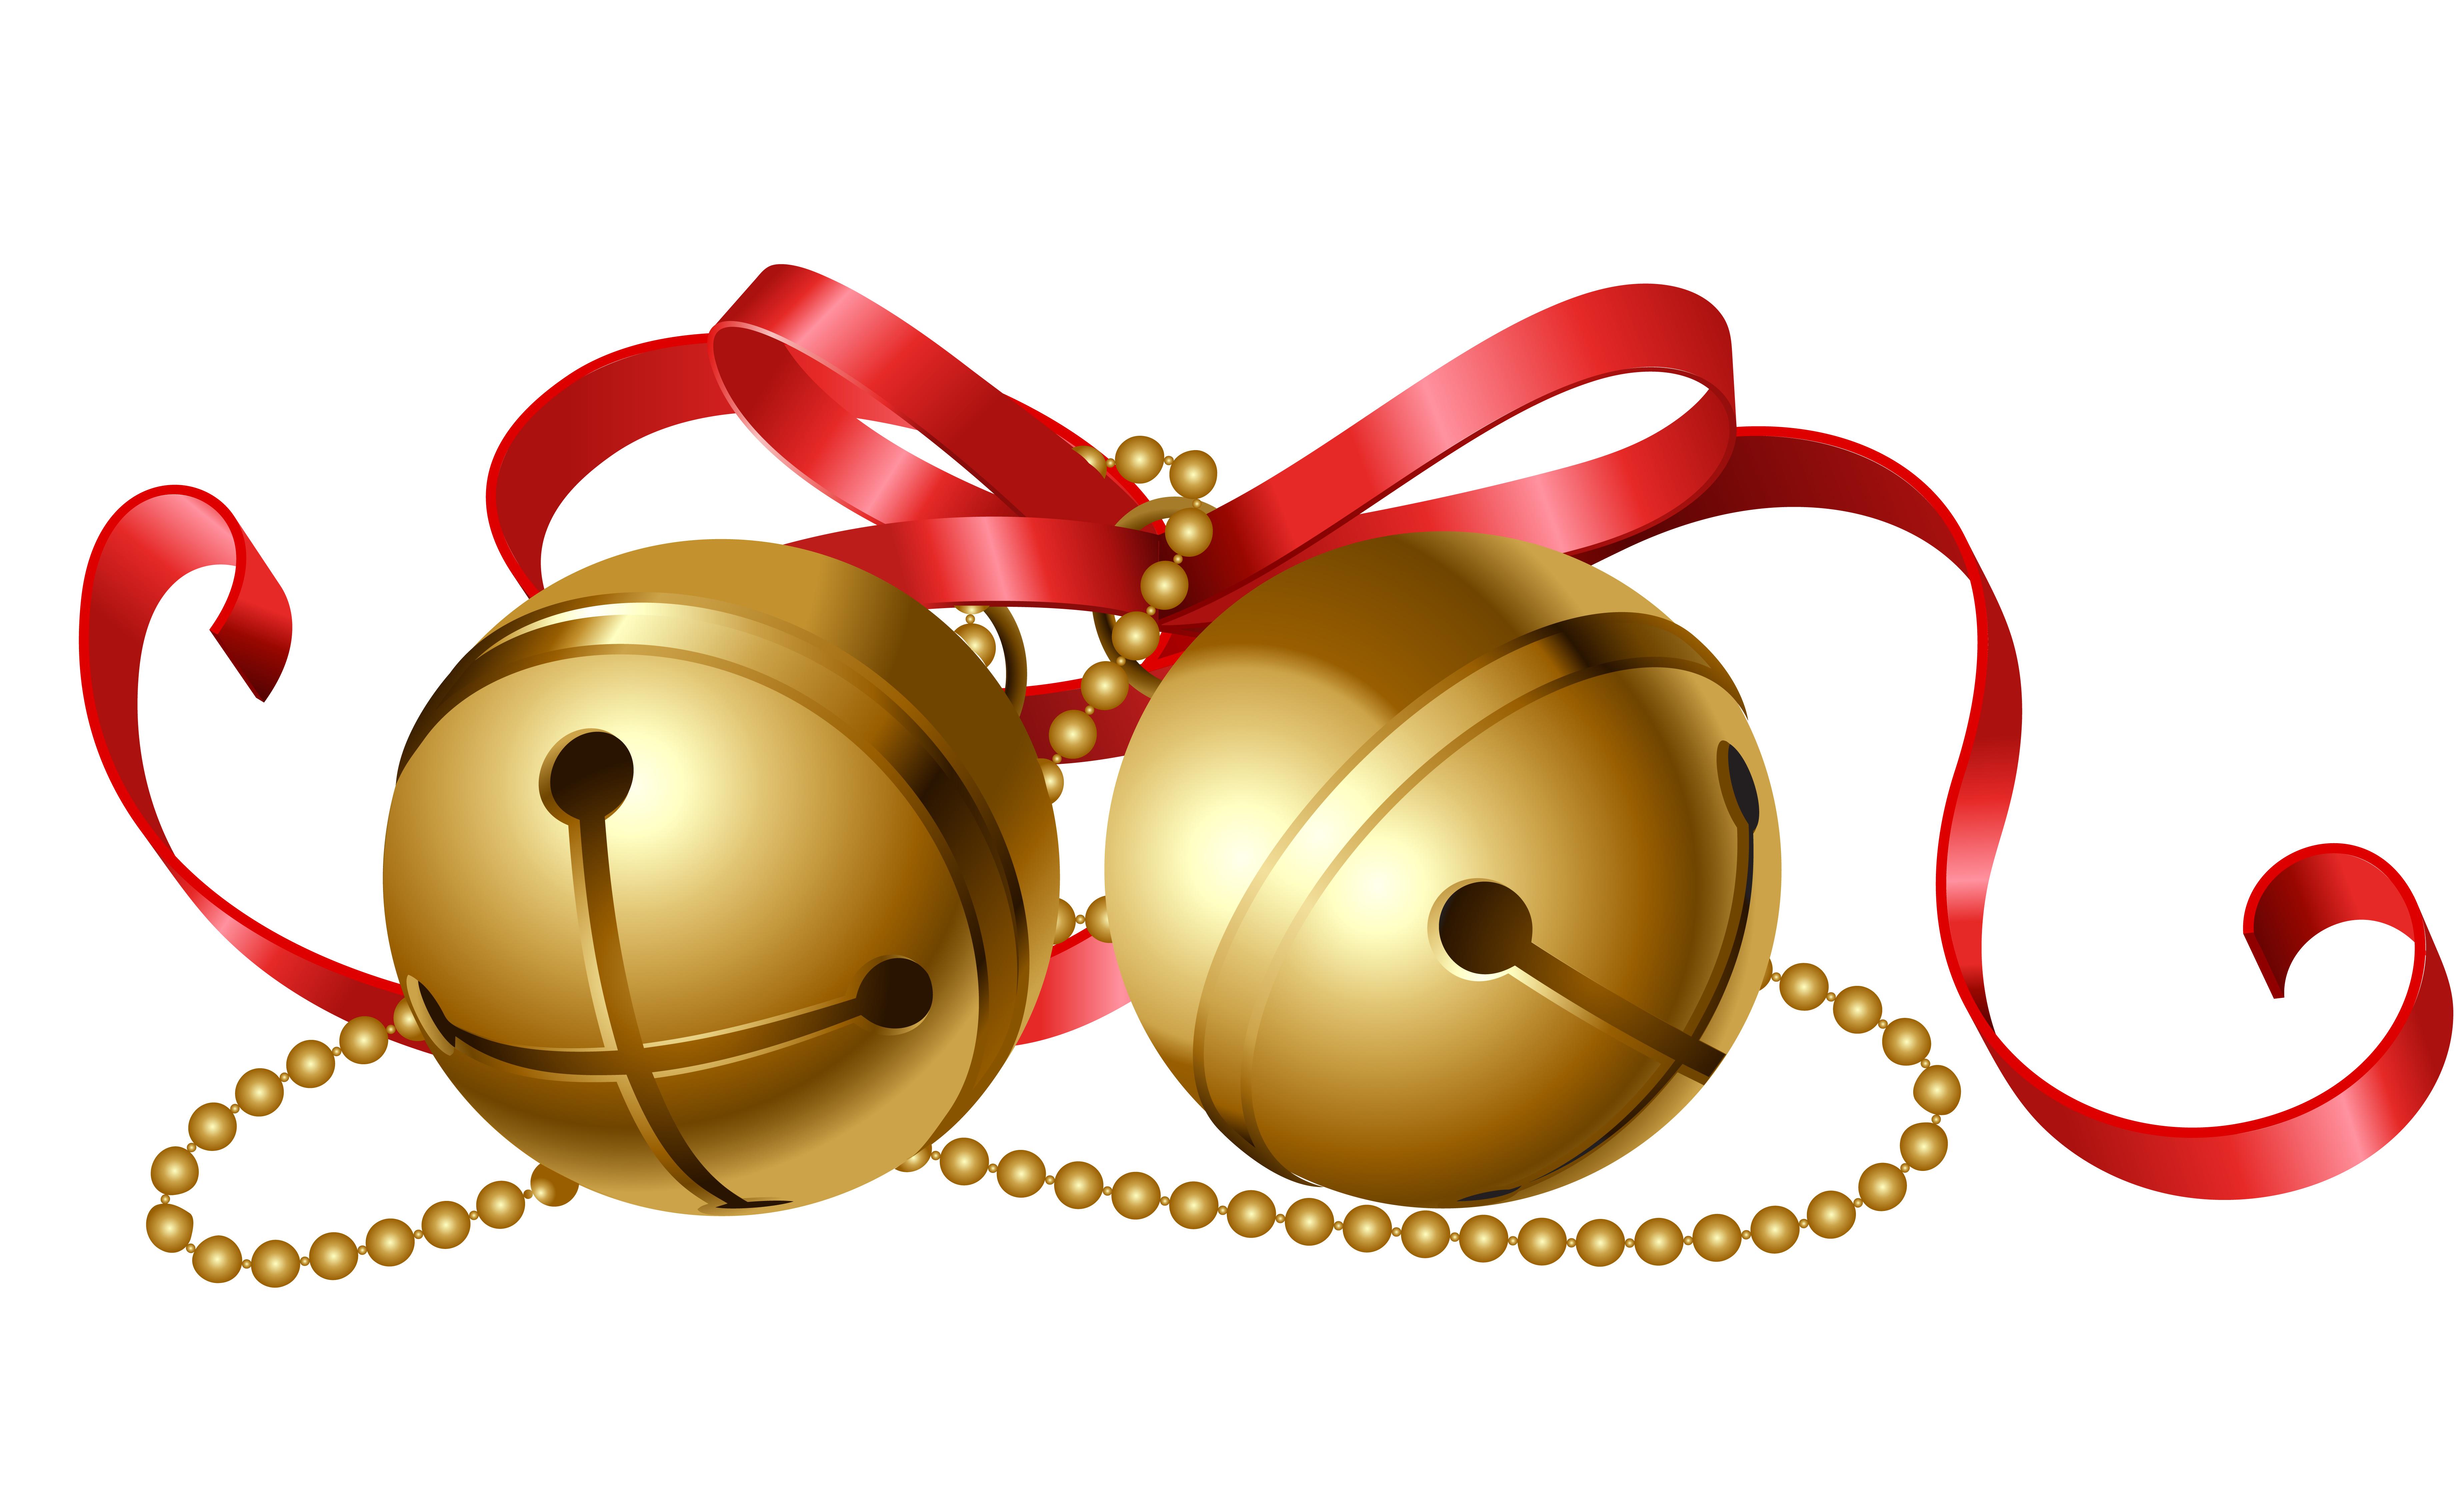 PNG Jingle Bells Transparent Jingle Bells.PNG Images..